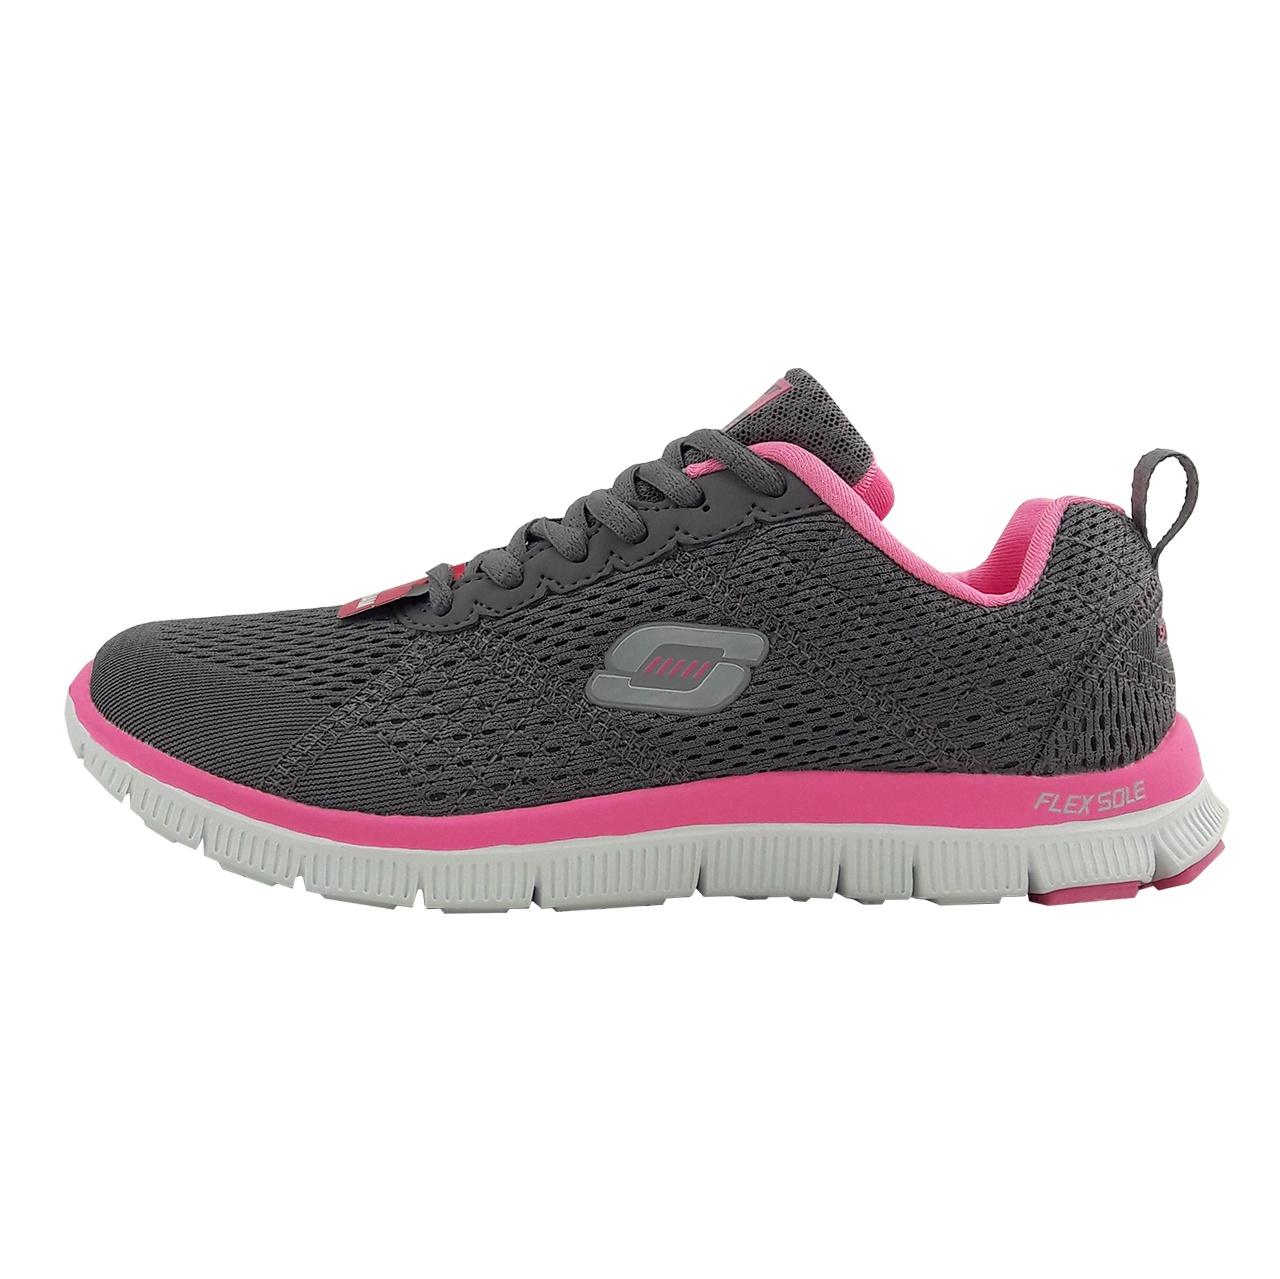 کفش مخصوص پیاده روی زنانه کد 12058gr